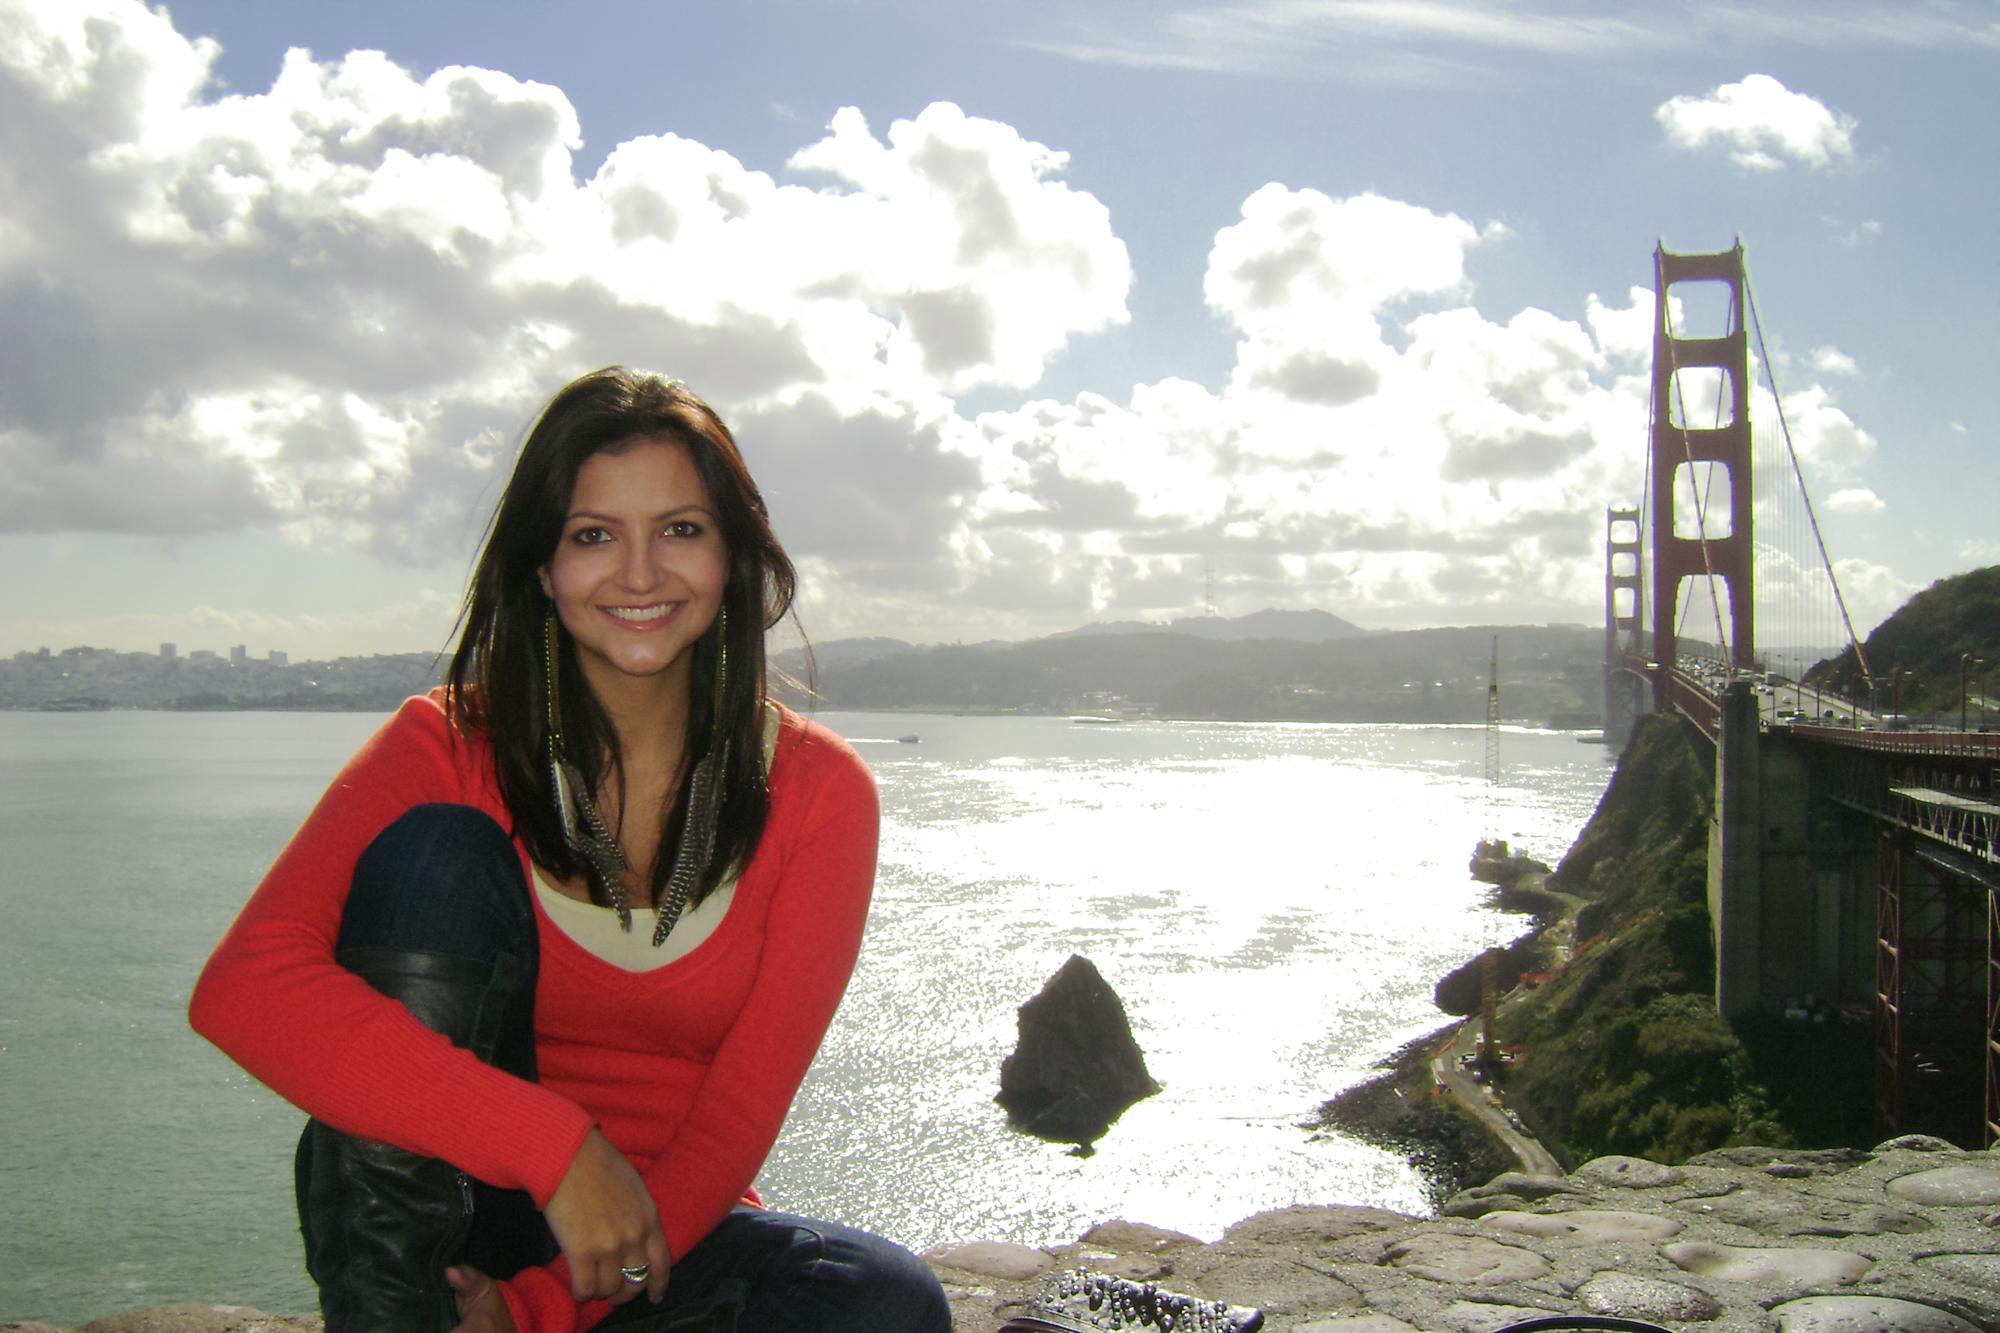 Elaine in San Francisco - California